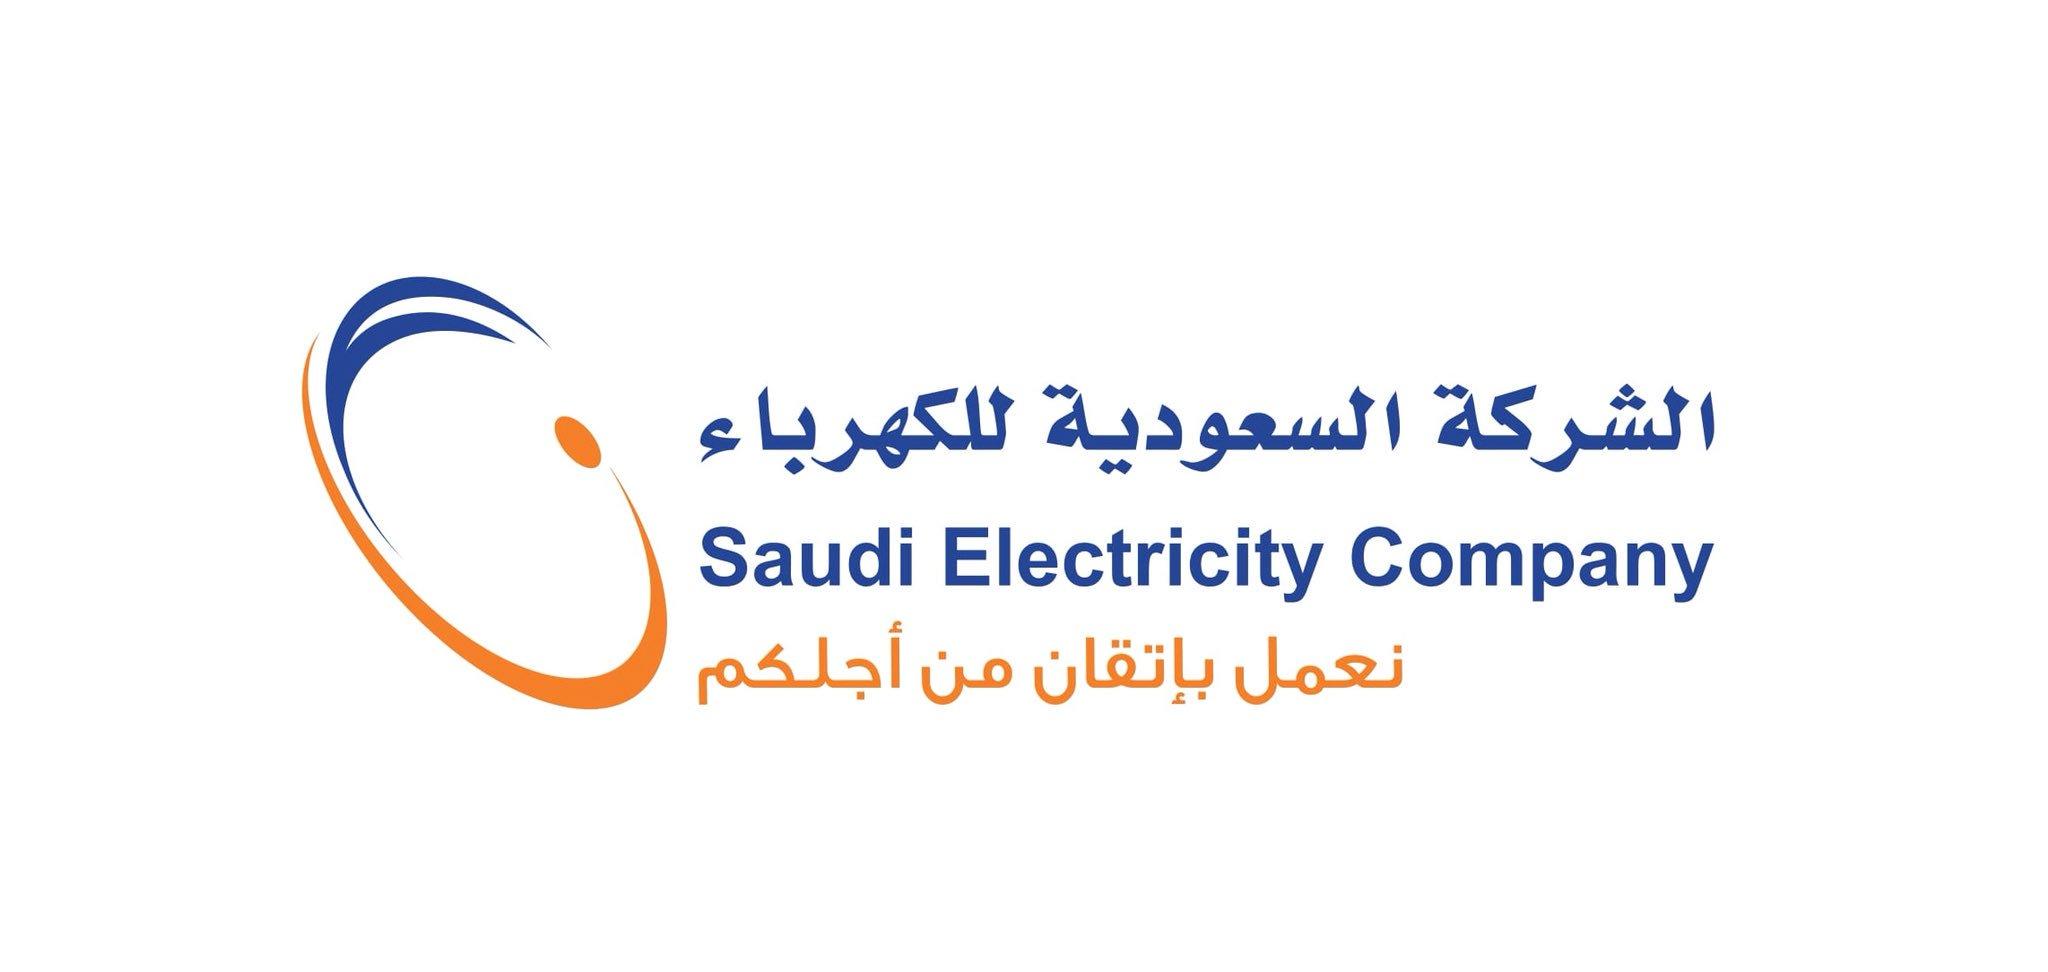 (العربية) شركة الكهرباء السعودية